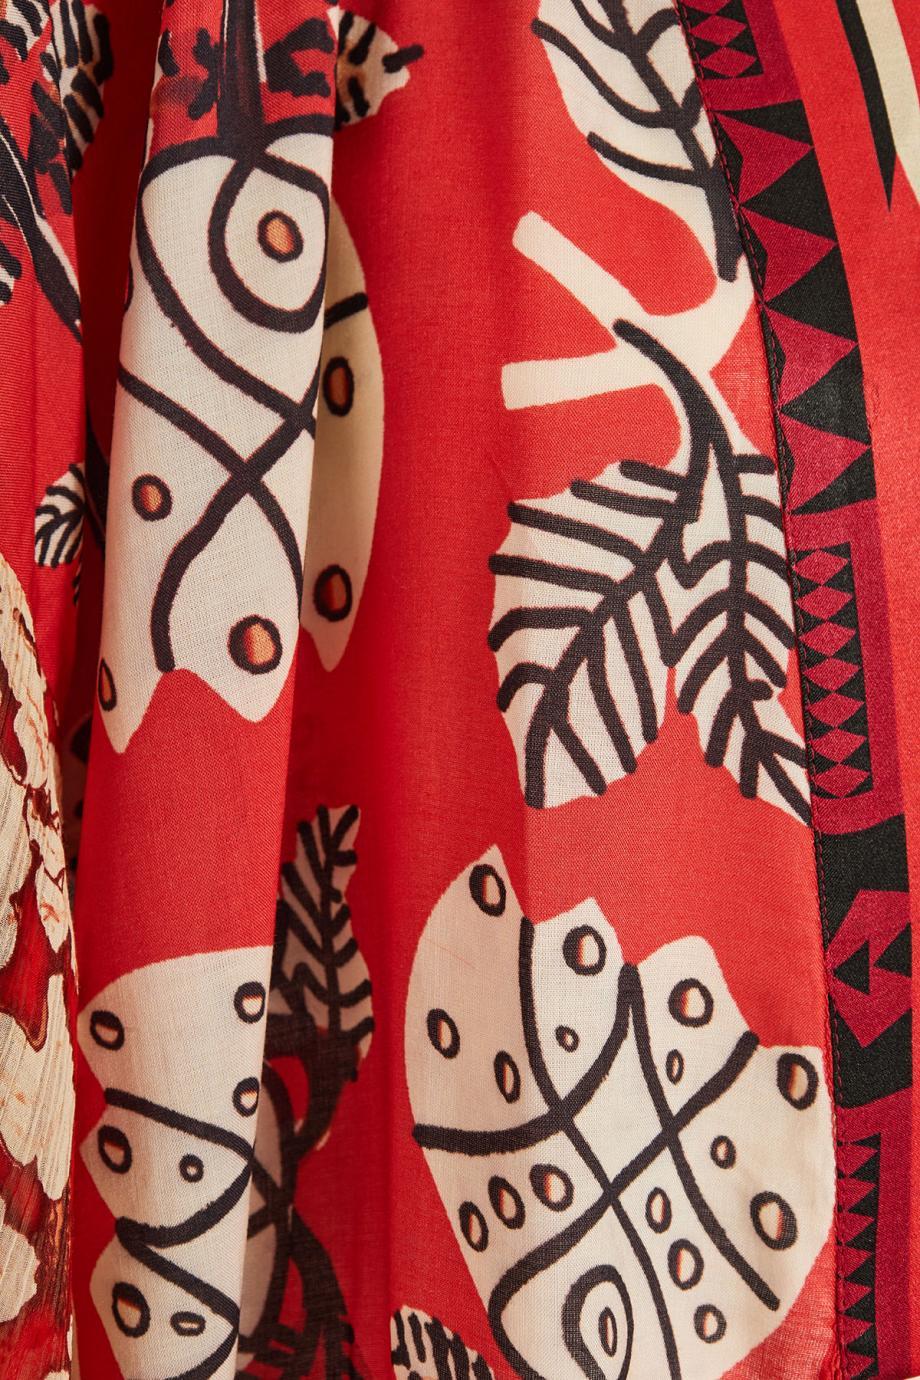 Printed satin kimono